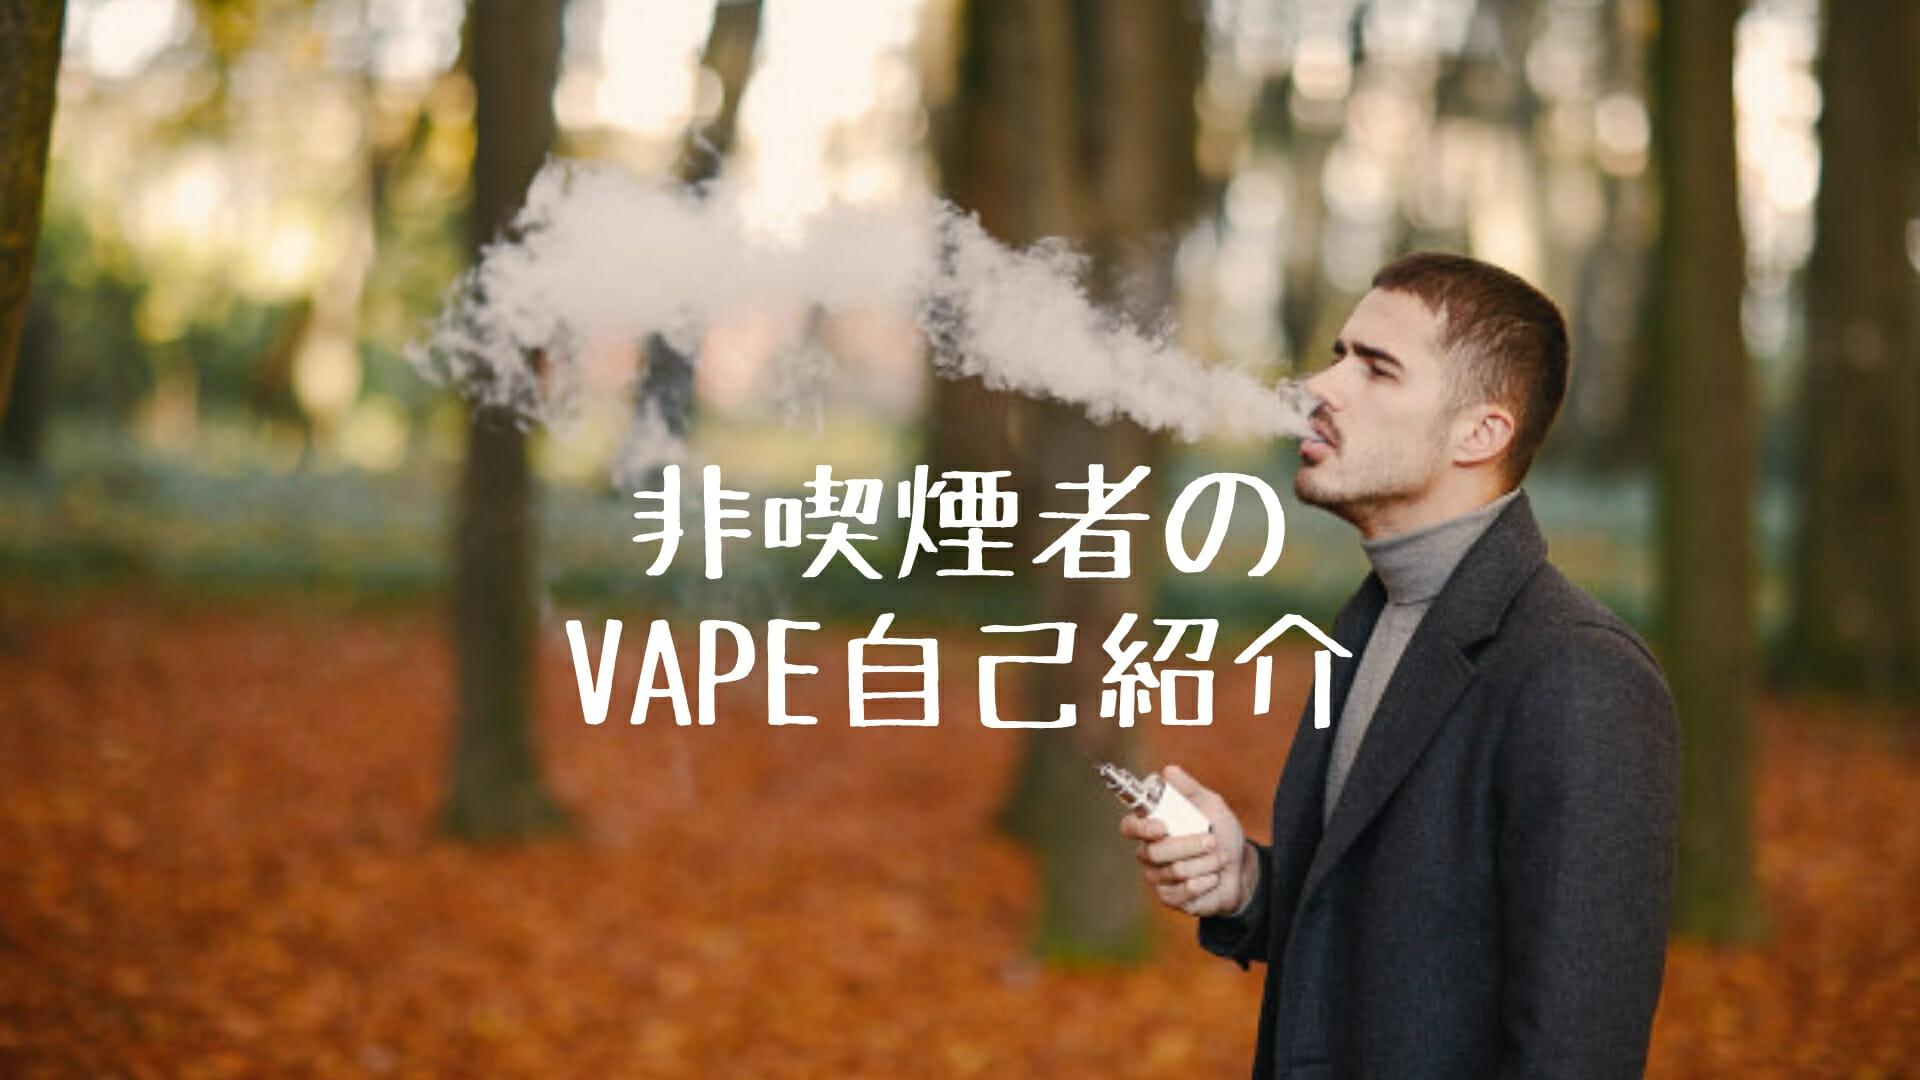 非喫煙者のVEPE自己紹介